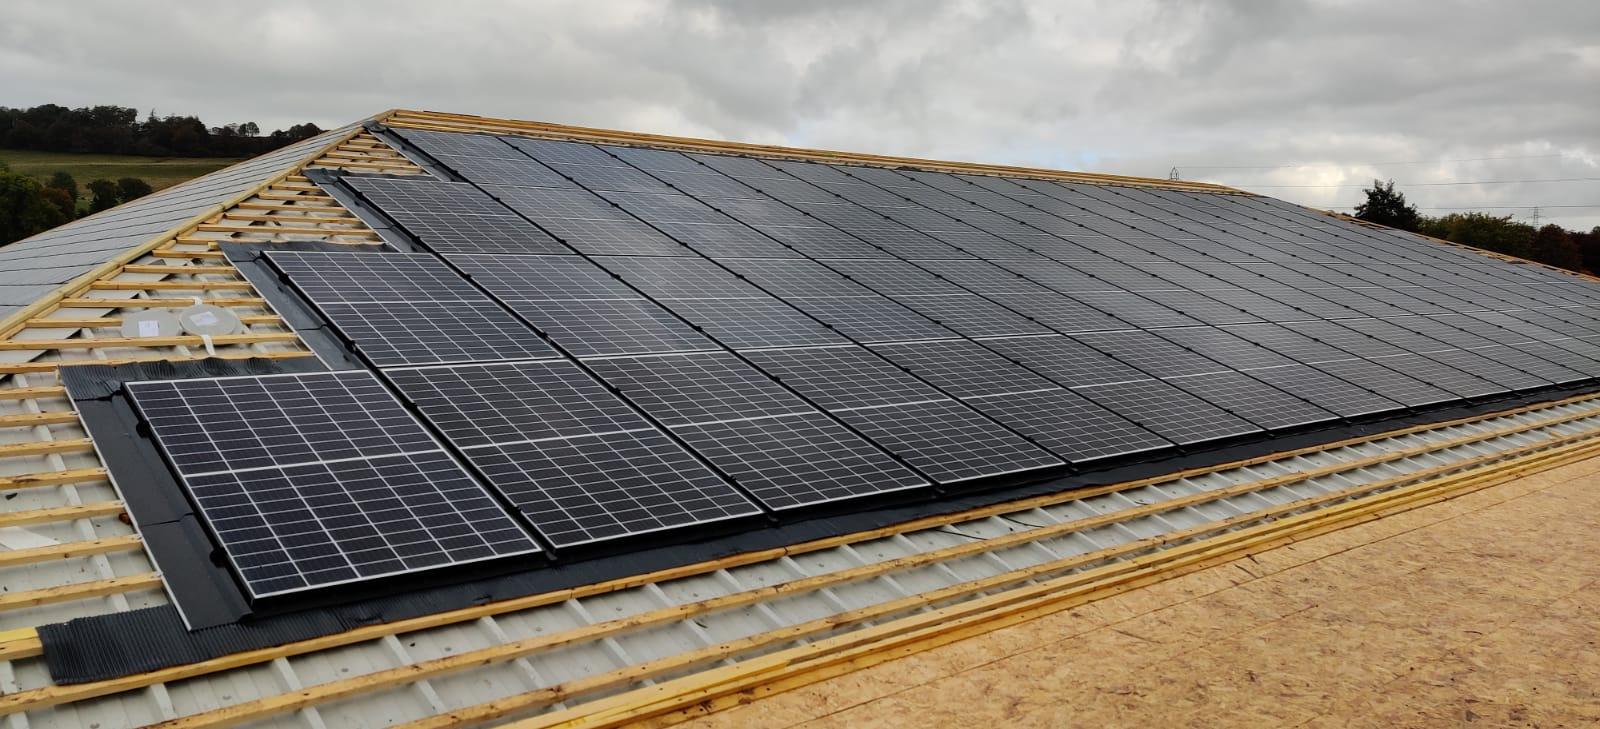 Spar Wolsingham In Roof Solar PV System Panels - UK